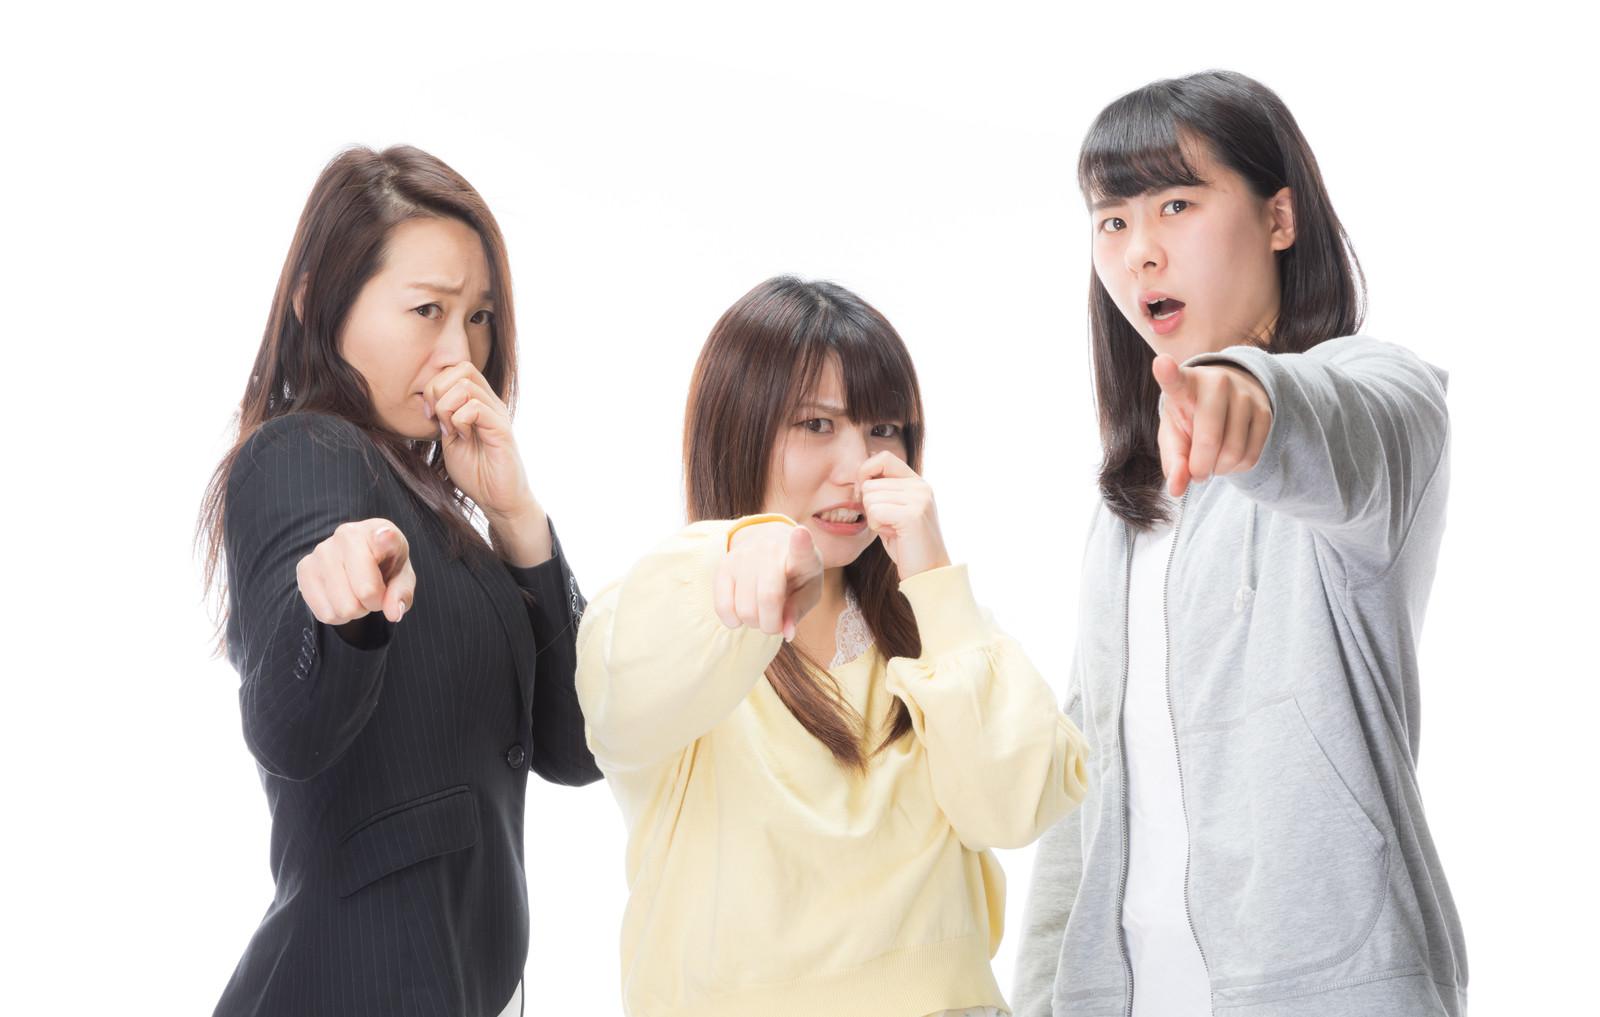 においの原因をつきとめた女子三人臭